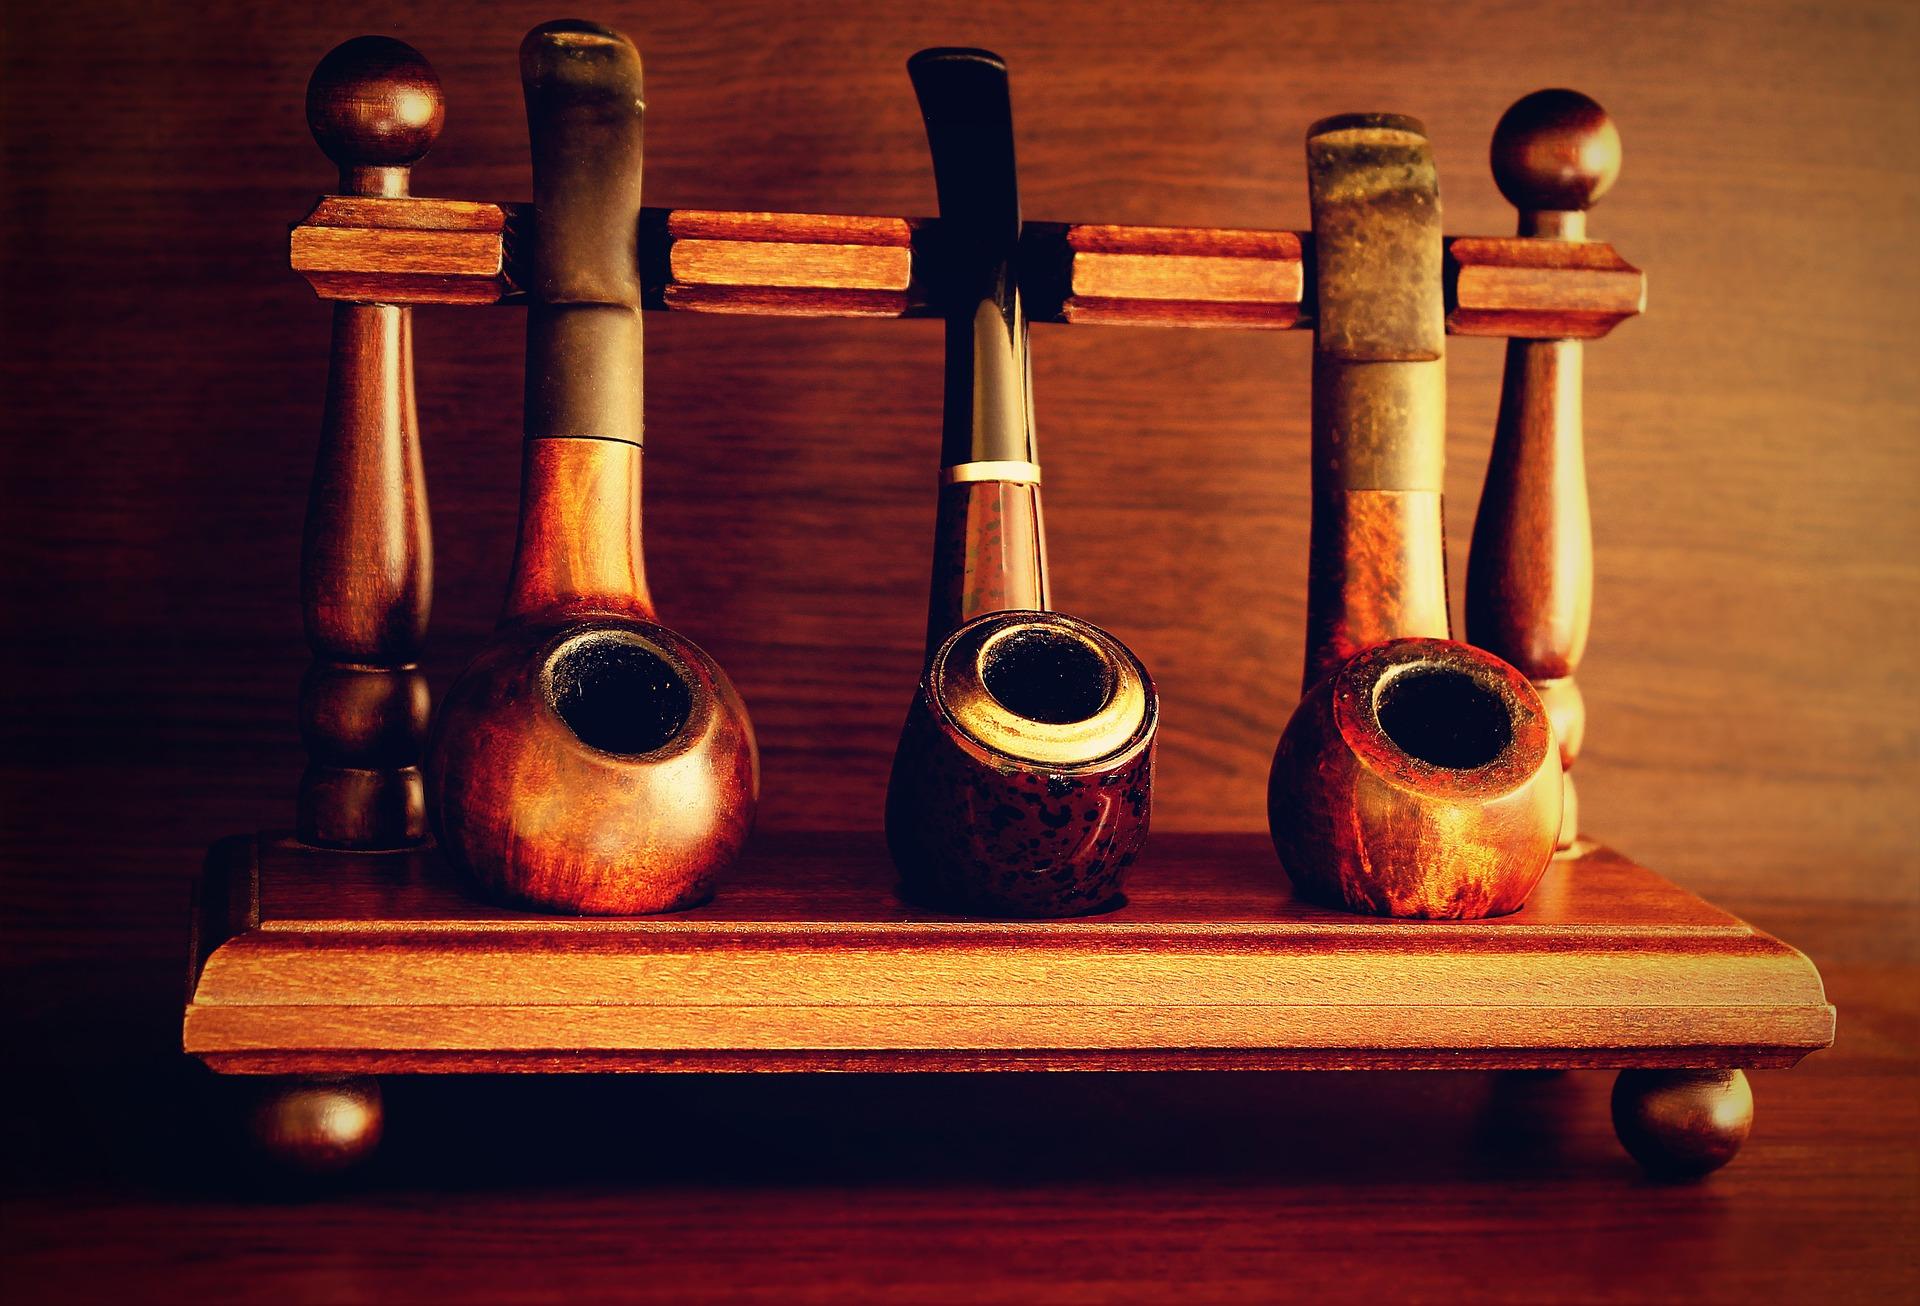 Tabakwaren, Zigaretten, Zubehör